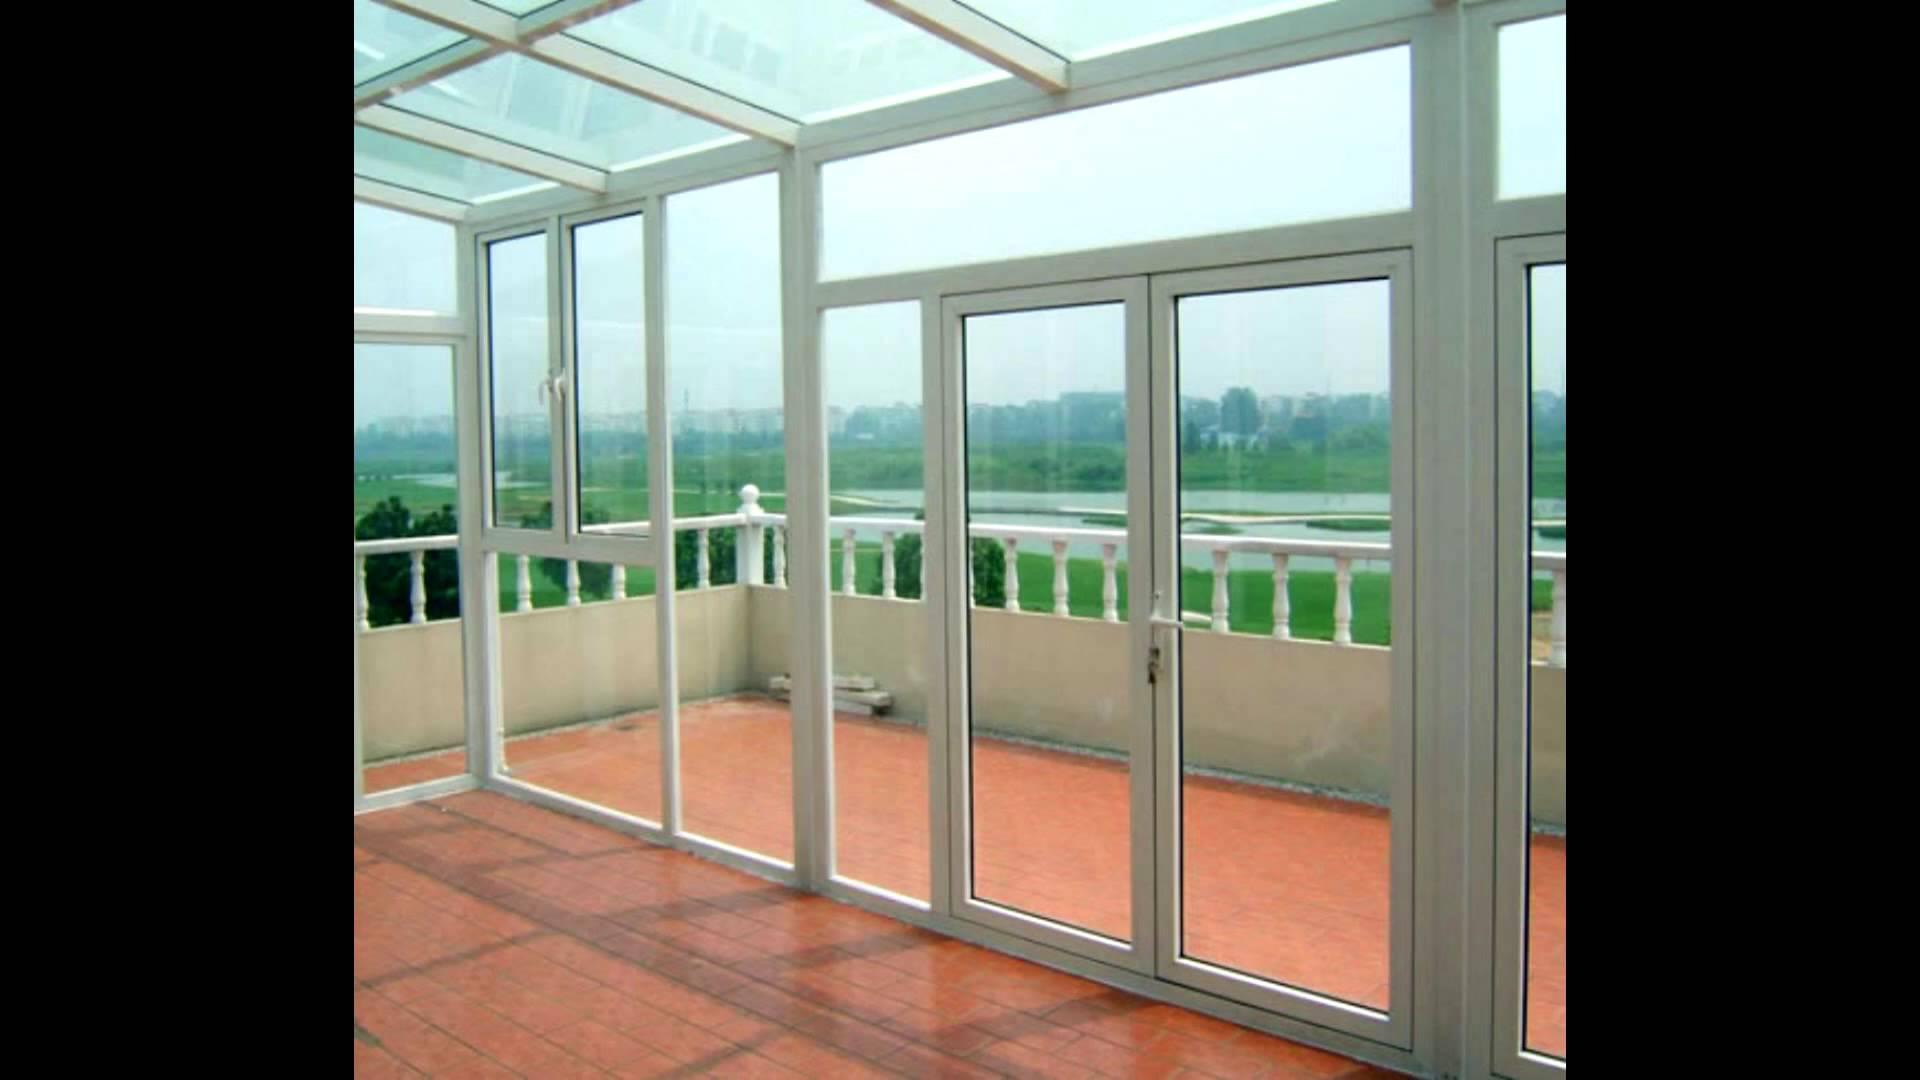 Ventanas y puertas de aluminio ventavid for Puerta ventana corrediza aluminio